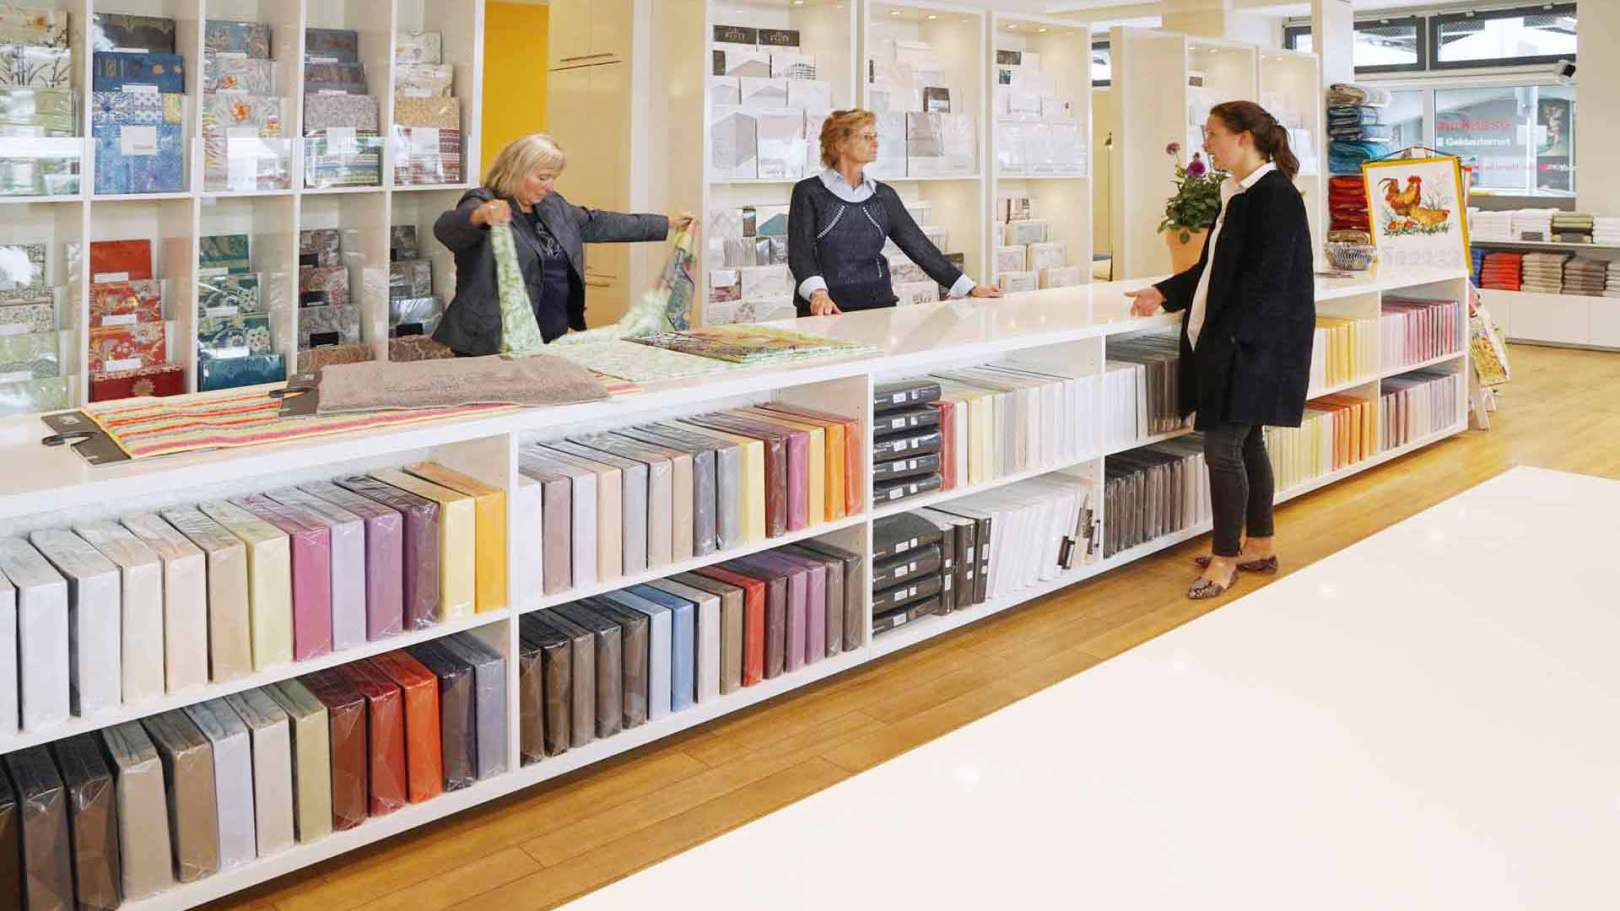 Betten Hoenscheidt Duesseldorf – Die Gutenachtberater beraten Sie gerne